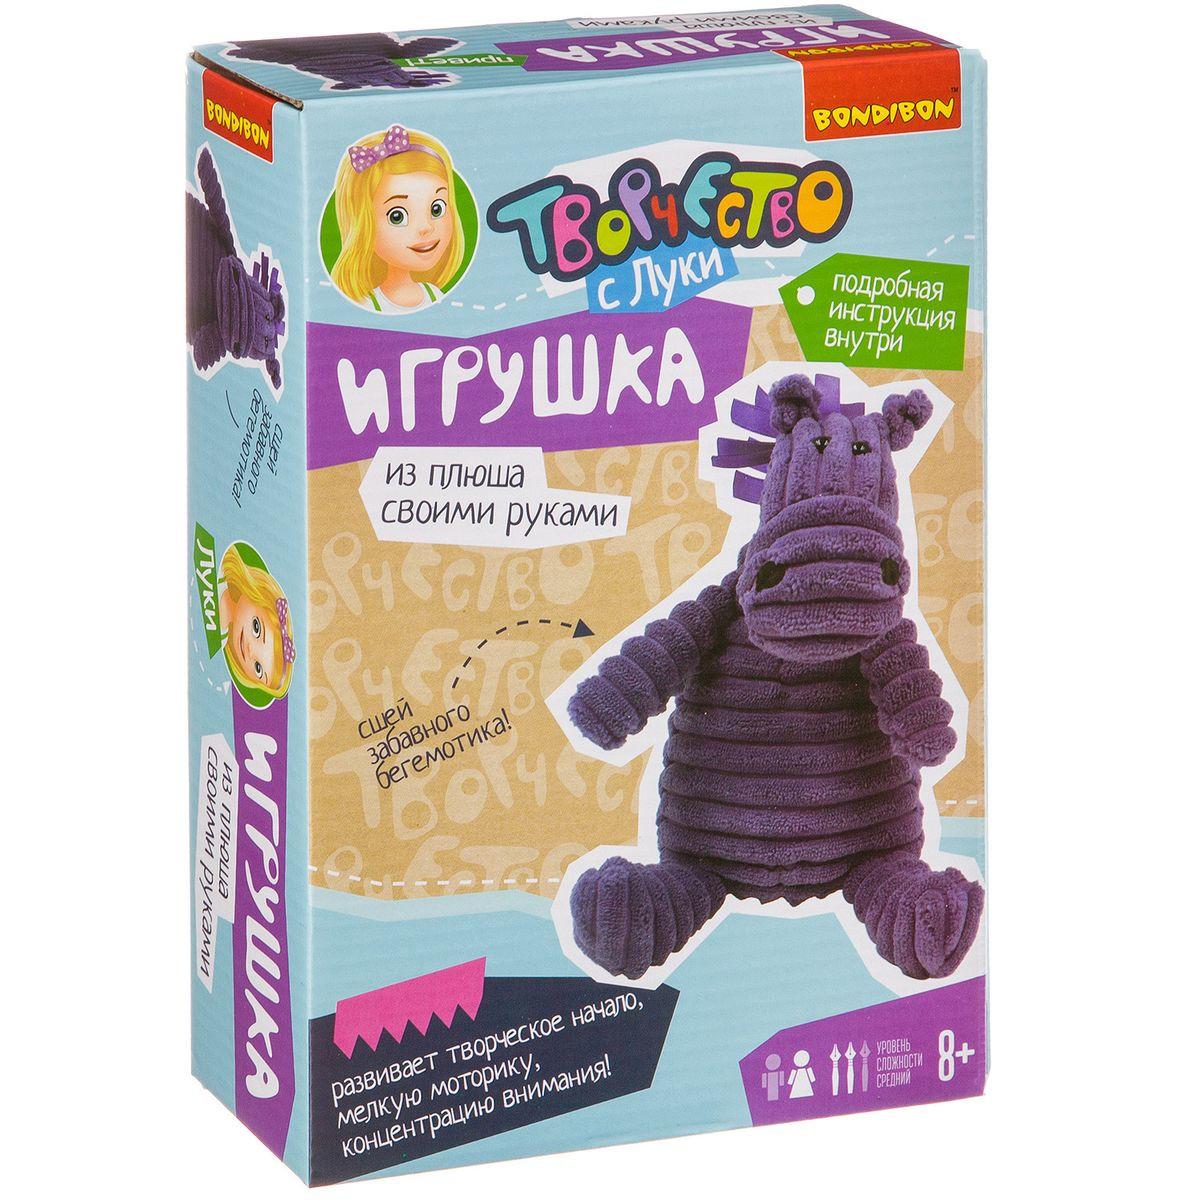 Набор для изготовления игрушки Bondibon Бегемот апплика набор для изготовления игрушки бумажный бегемот